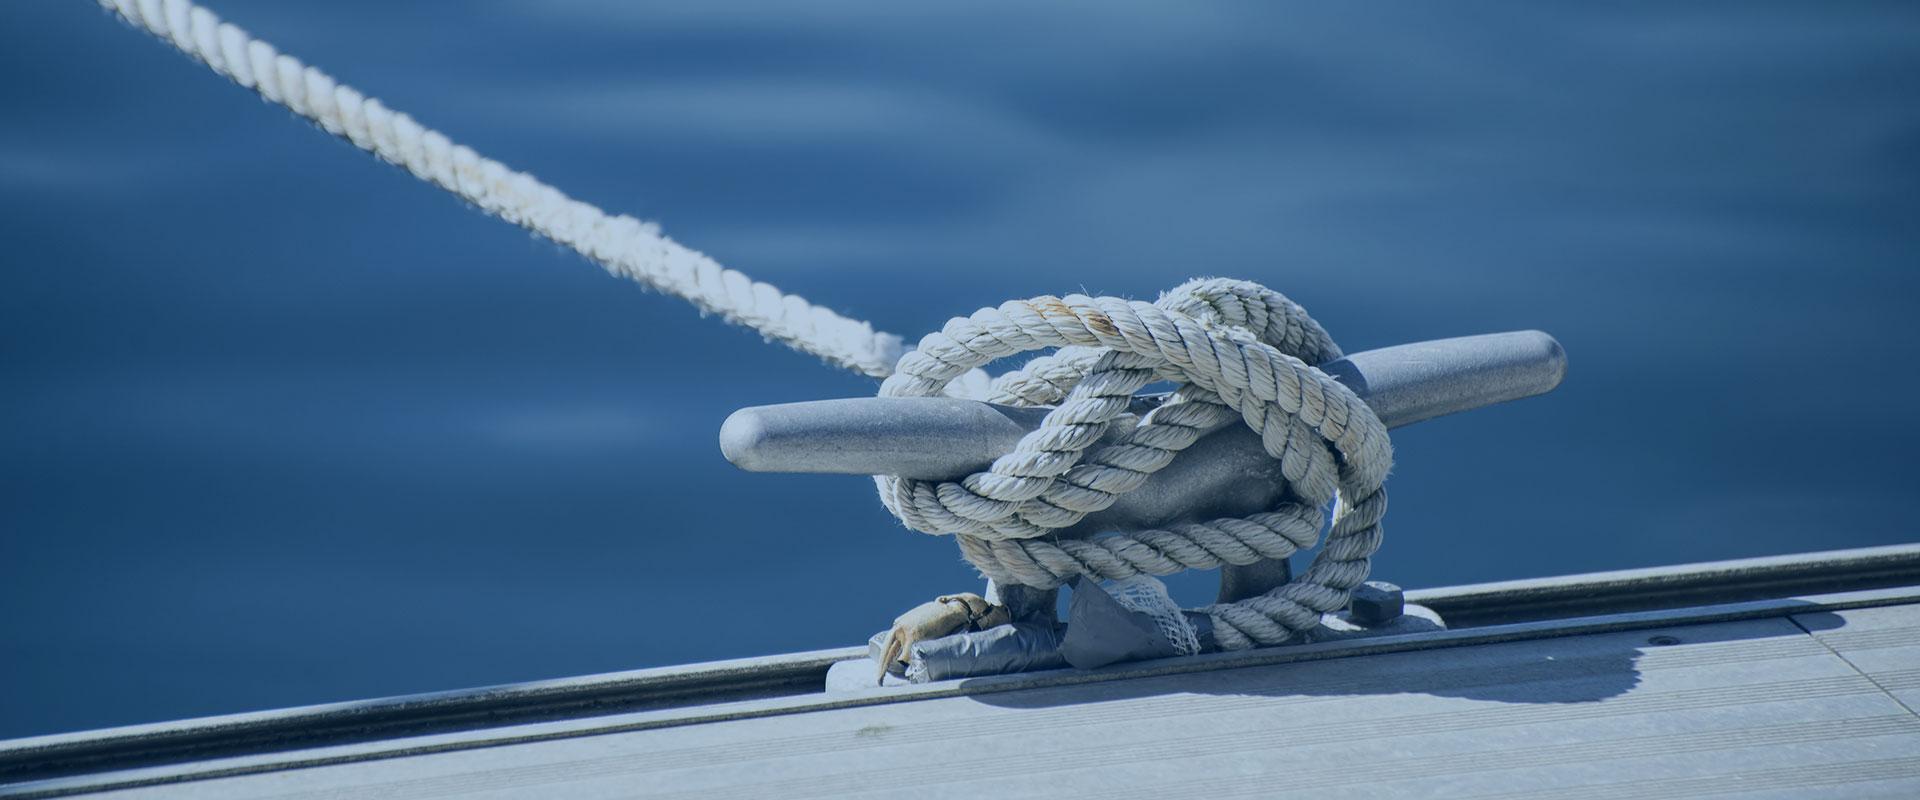 Capa banner-03.jpg - Seguro de Cascos Marítimos